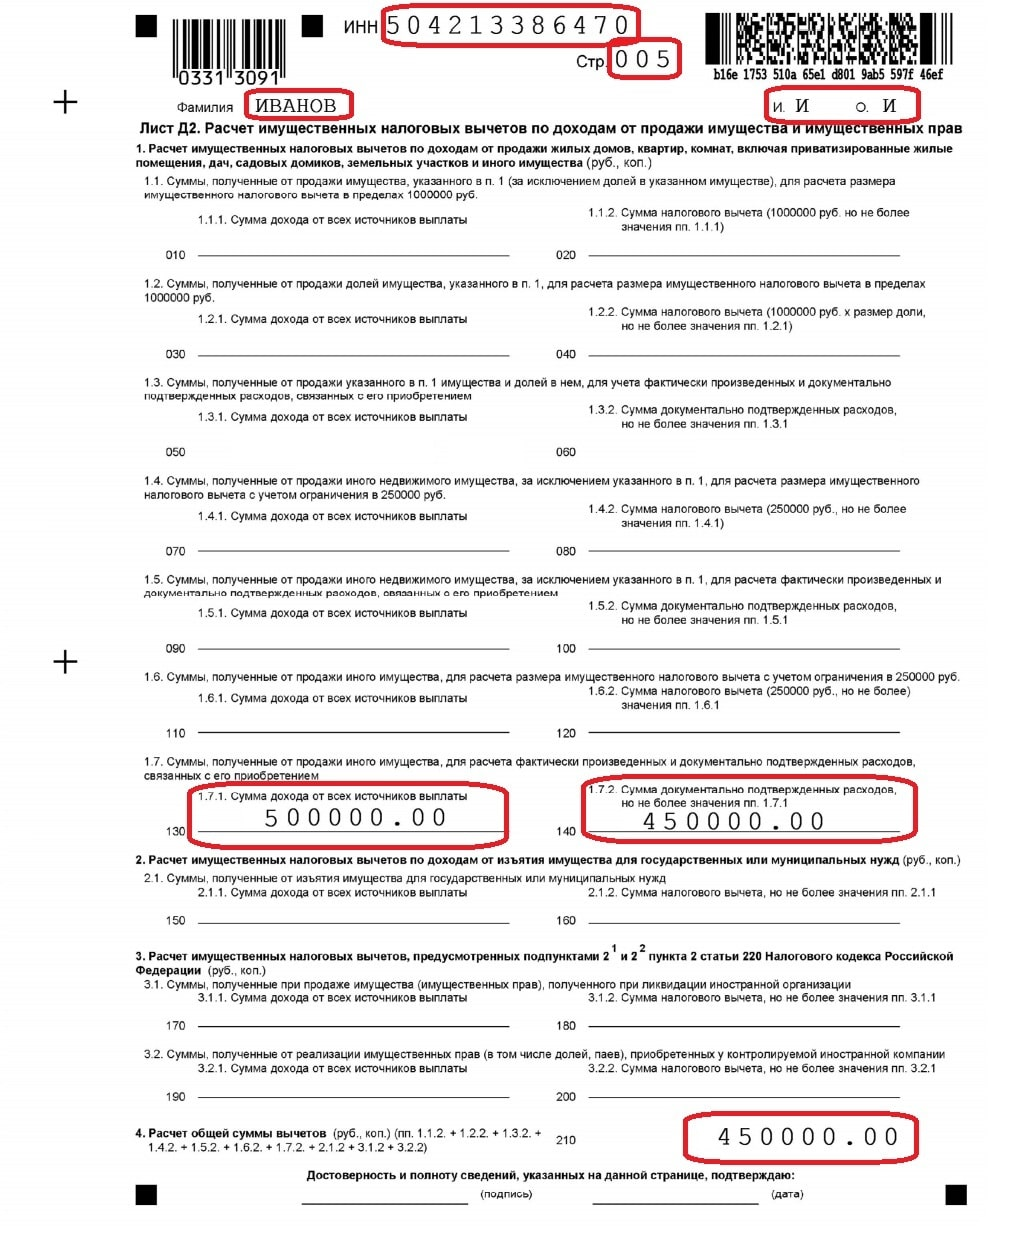 Ндфл 3 при продаже автомобиля расторжение трудового договора по соглашению сторон статья